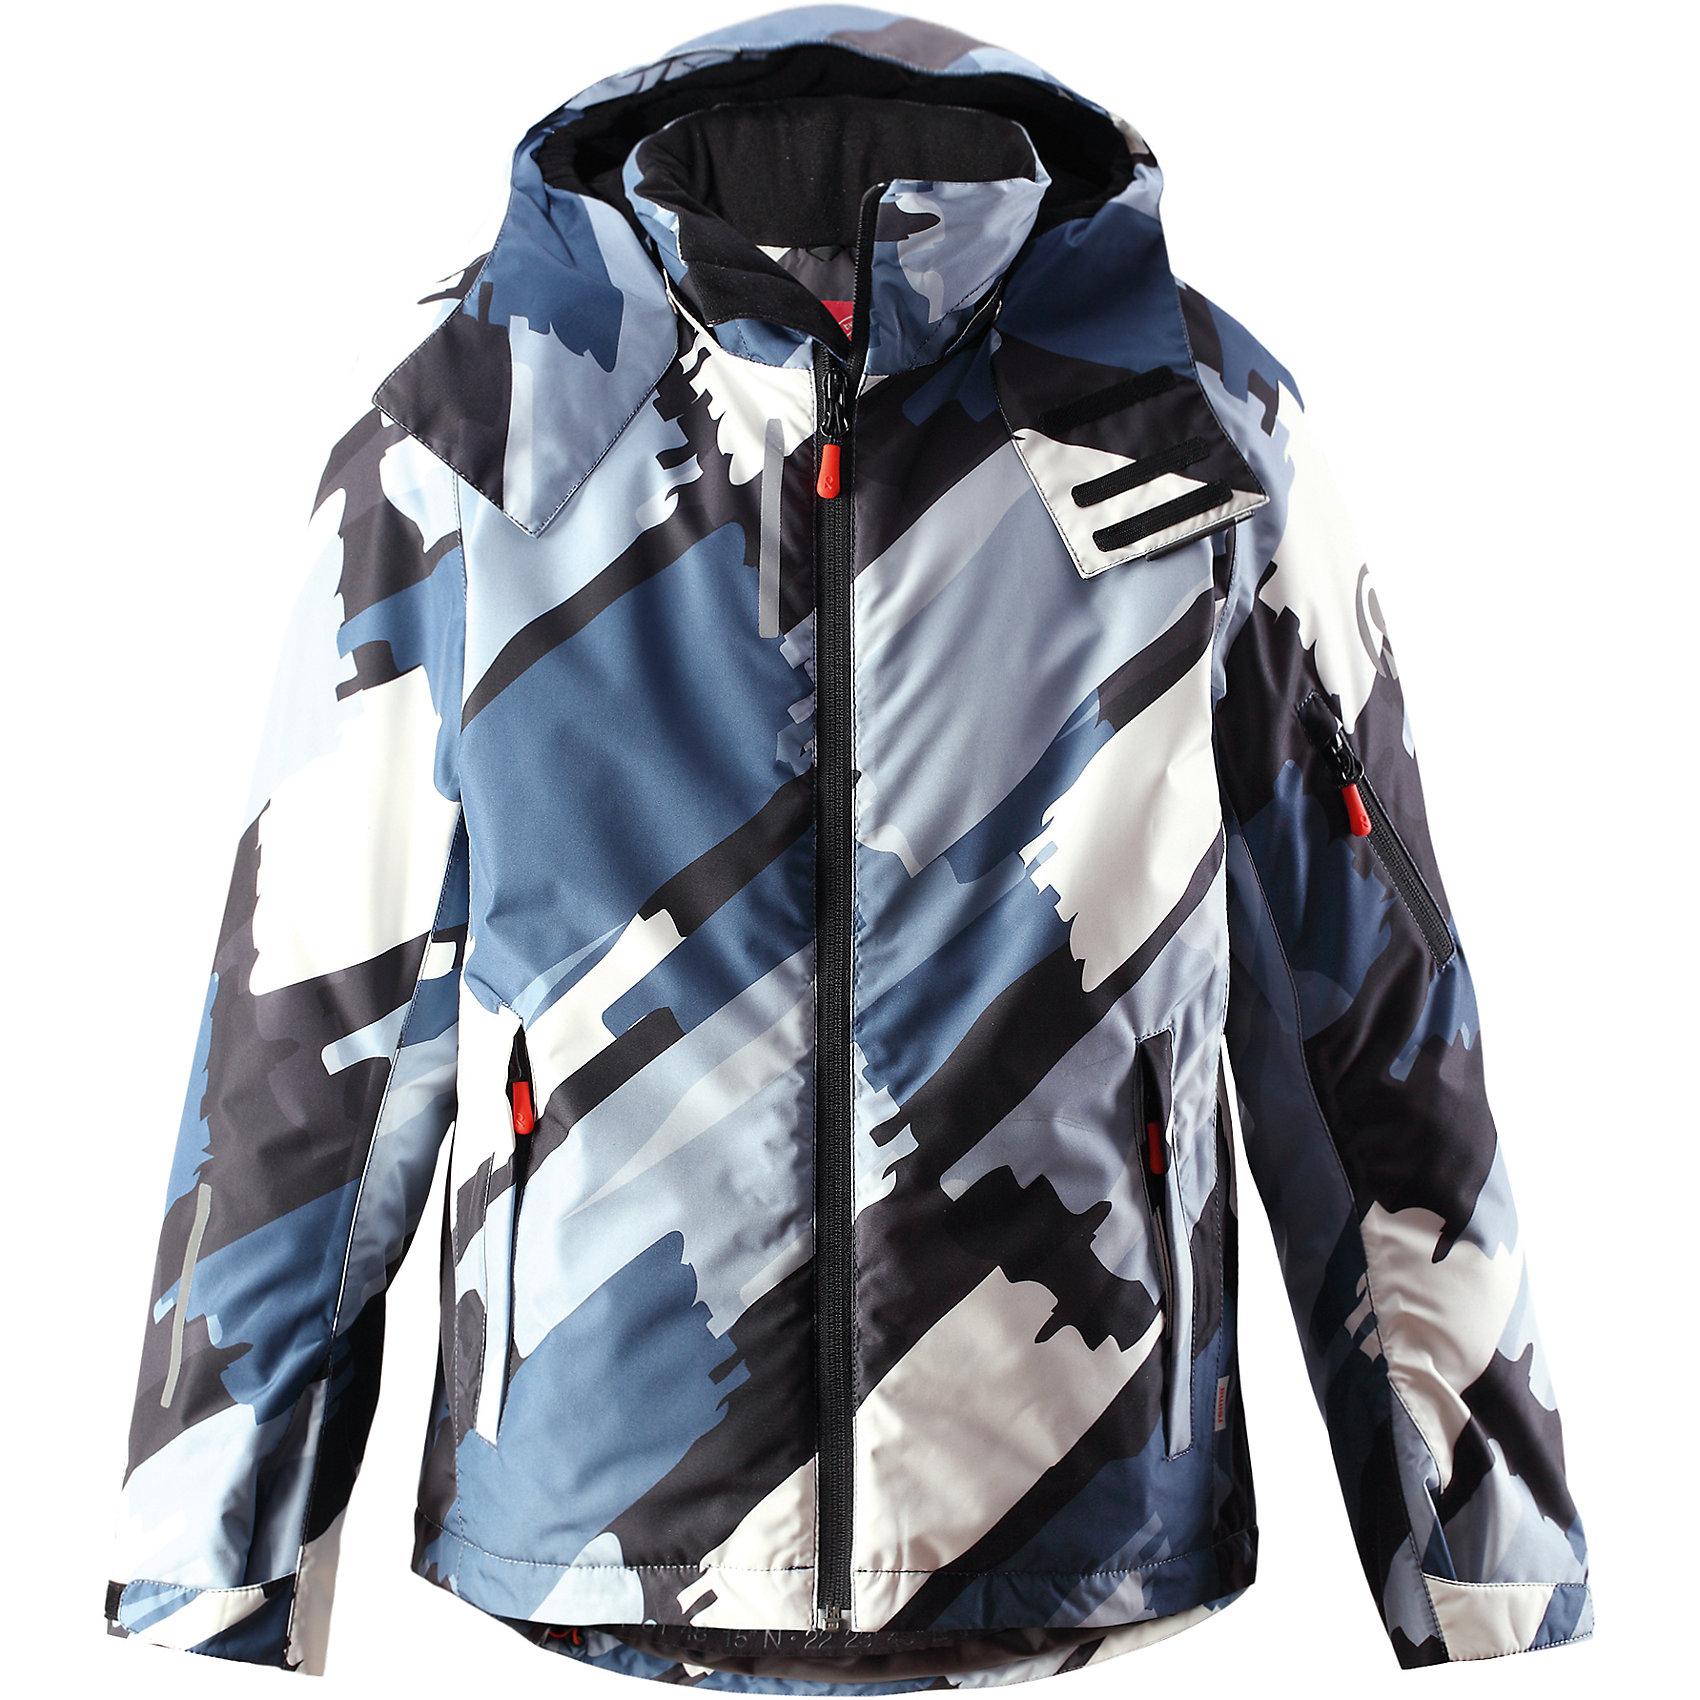 Куртка Detour для мальчика ReimaКуртка для мальчика Reima<br>Зимняя куртка для подростков. Основные швы проклеены и не пропускают влагу. Водо- и ветронепроницаемый, «дышащий» и грязеотталкивающий материал. Гладкая подкладка из полиэстра. Безопасный, отстегивающийся и регулируемый капюшон. Регулируемые манжеты и внутренние манжеты из лайкры. Регулируемый подол, снегозащитный манжет на талииНовая усовершенствованная молния — больше не застревает! Карманы на молнии, карман для skipass на рукаве. Карман для очков и внутренний нагрудный карман. Принт по всей поверхности.<br>Утеплитель: Reima® Flex insulation,140 g<br>Уход:<br>Стирать по отдельности, вывернув наизнанку. Застегнуть молнии и липучки. Стирать моющим средством, не содержащим отбеливающие вещества. Полоскать без специального средства. Во избежание изменения цвета изделие необходимо вынуть из стиральной машинки незамедлительно после окончания программы стирки. Сушить при низкой температуре.<br>Состав:<br>100% Полиамид, полиуретановое покрытие<br><br>Ширина мм: 356<br>Глубина мм: 10<br>Высота мм: 245<br>Вес г: 519<br>Цвет: синий<br>Возраст от месяцев: 36<br>Возраст до месяцев: 48<br>Пол: Мужской<br>Возраст: Детский<br>Размер: 104,164,110,116,122,152,158,128,134,140,146<br>SKU: 4778669